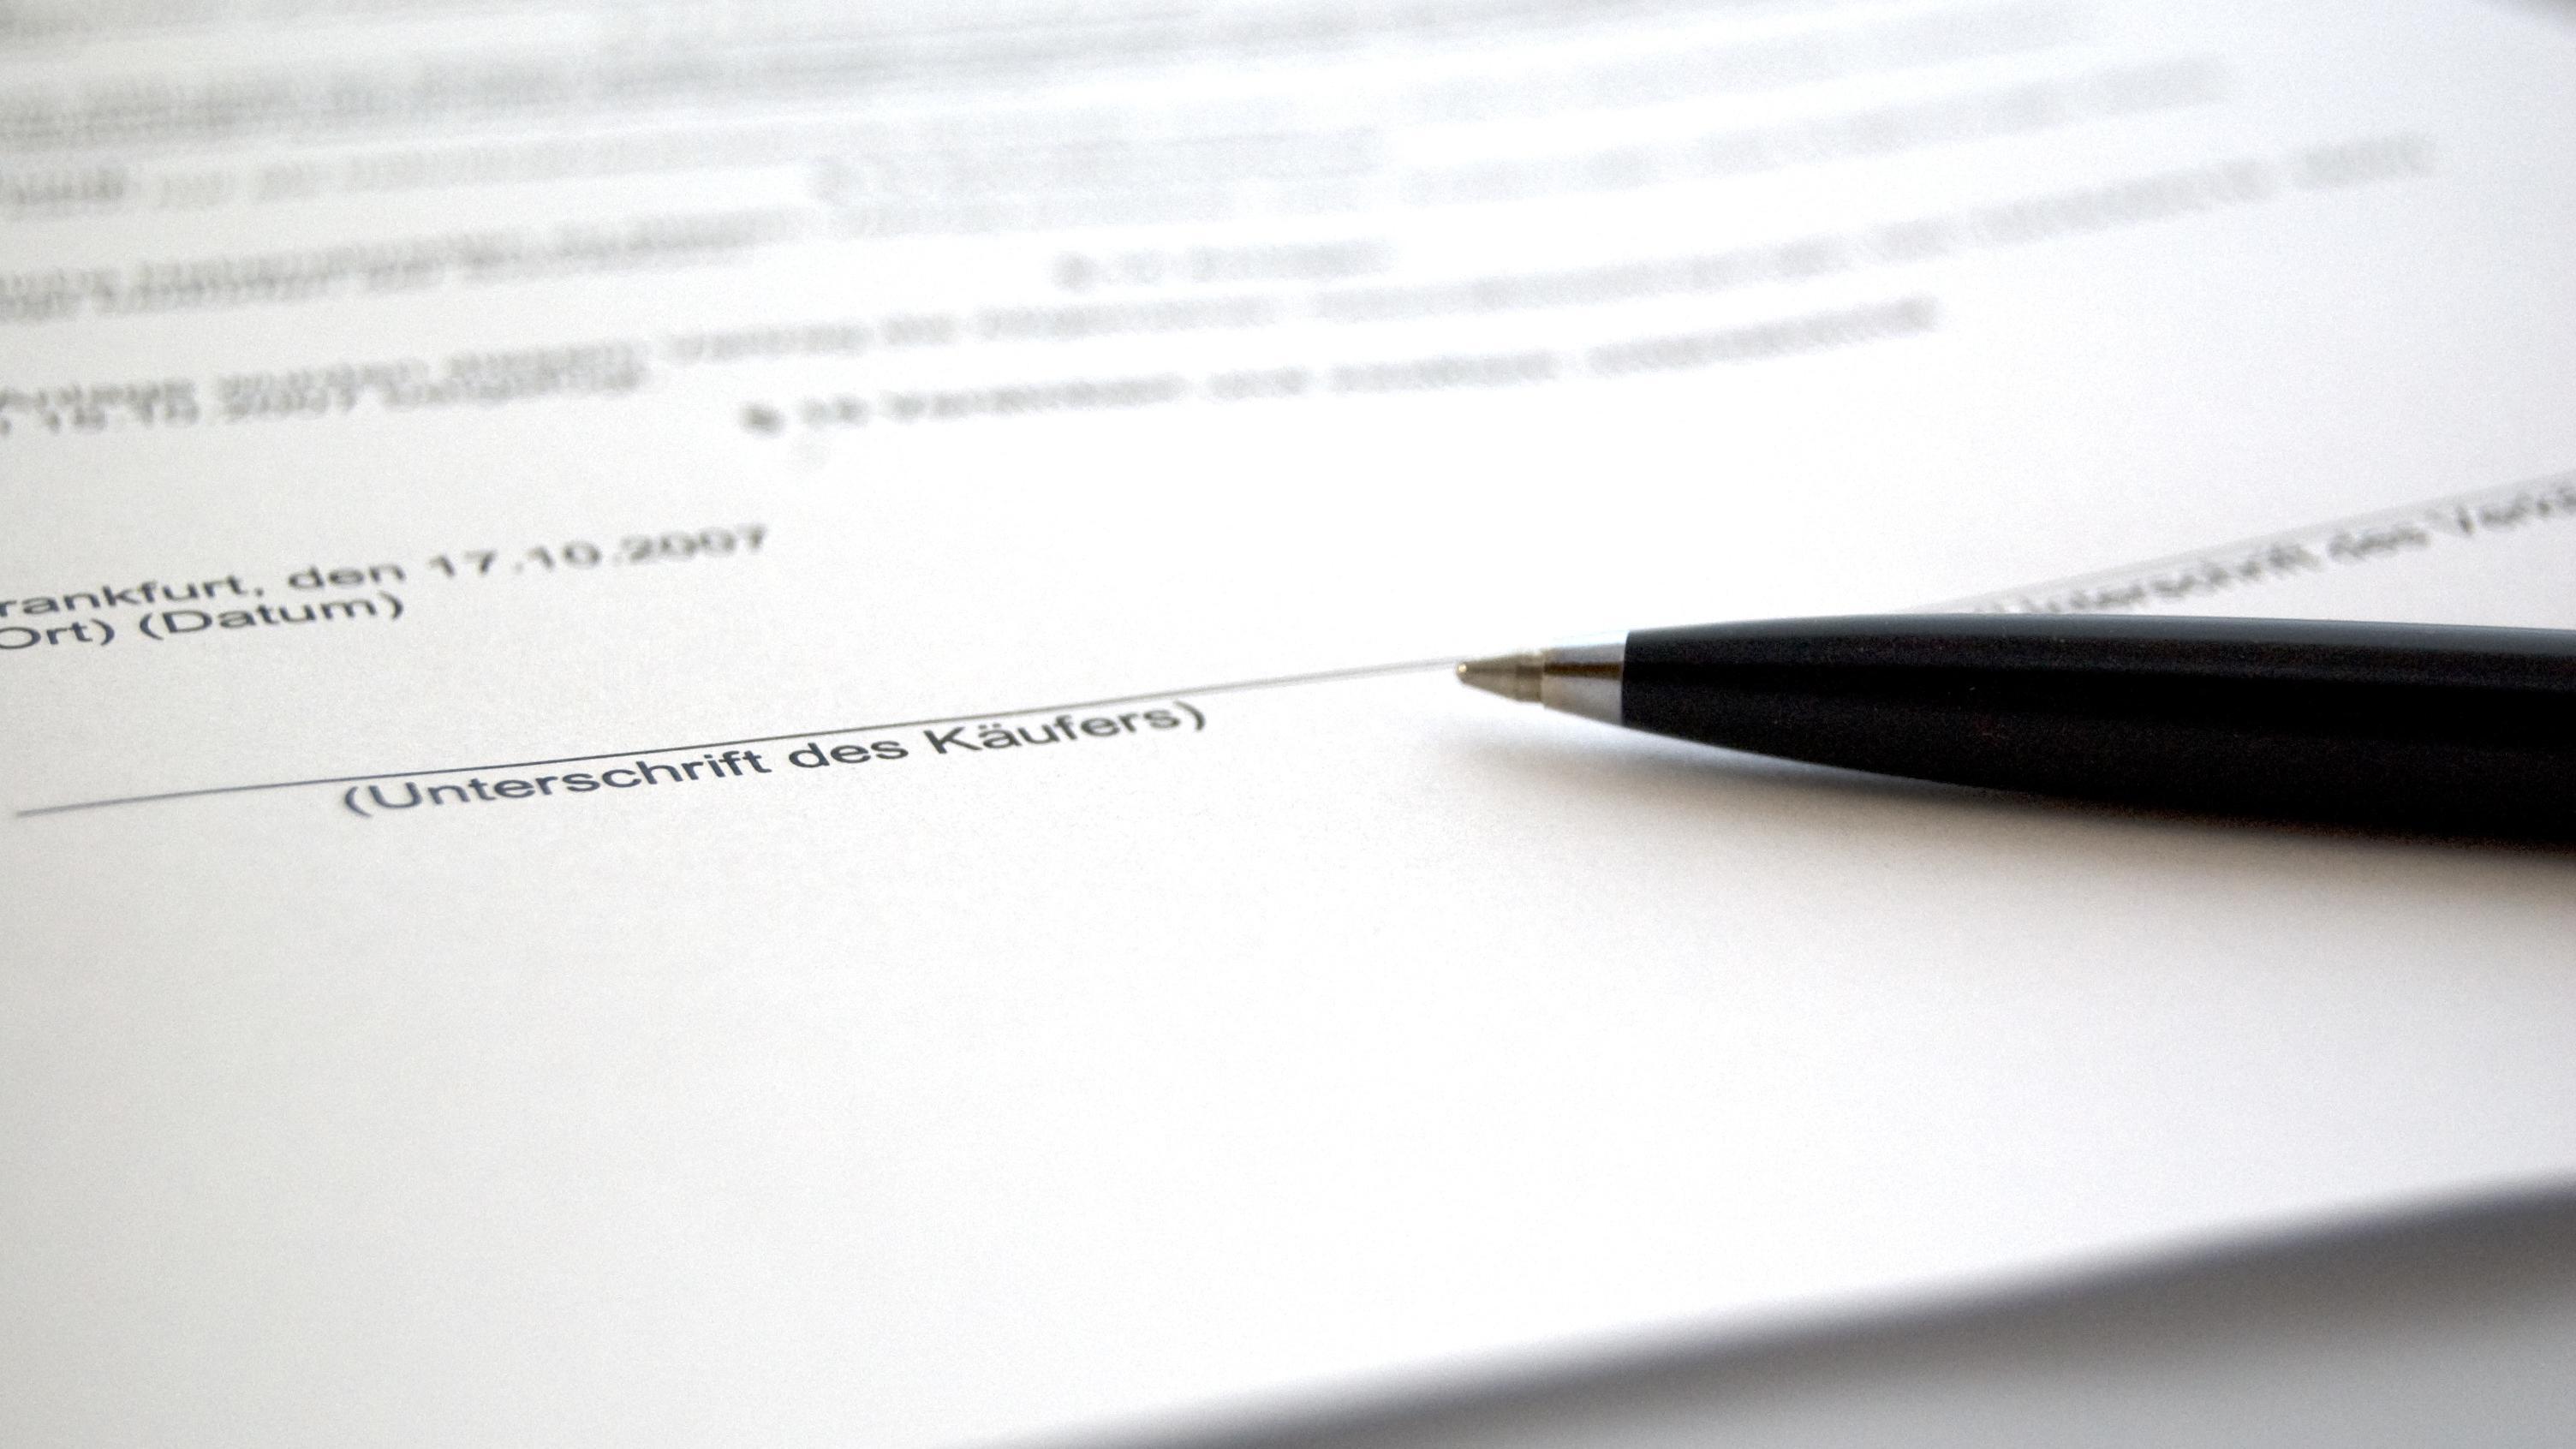 Unterschrift in PDF einfügen - so geht's